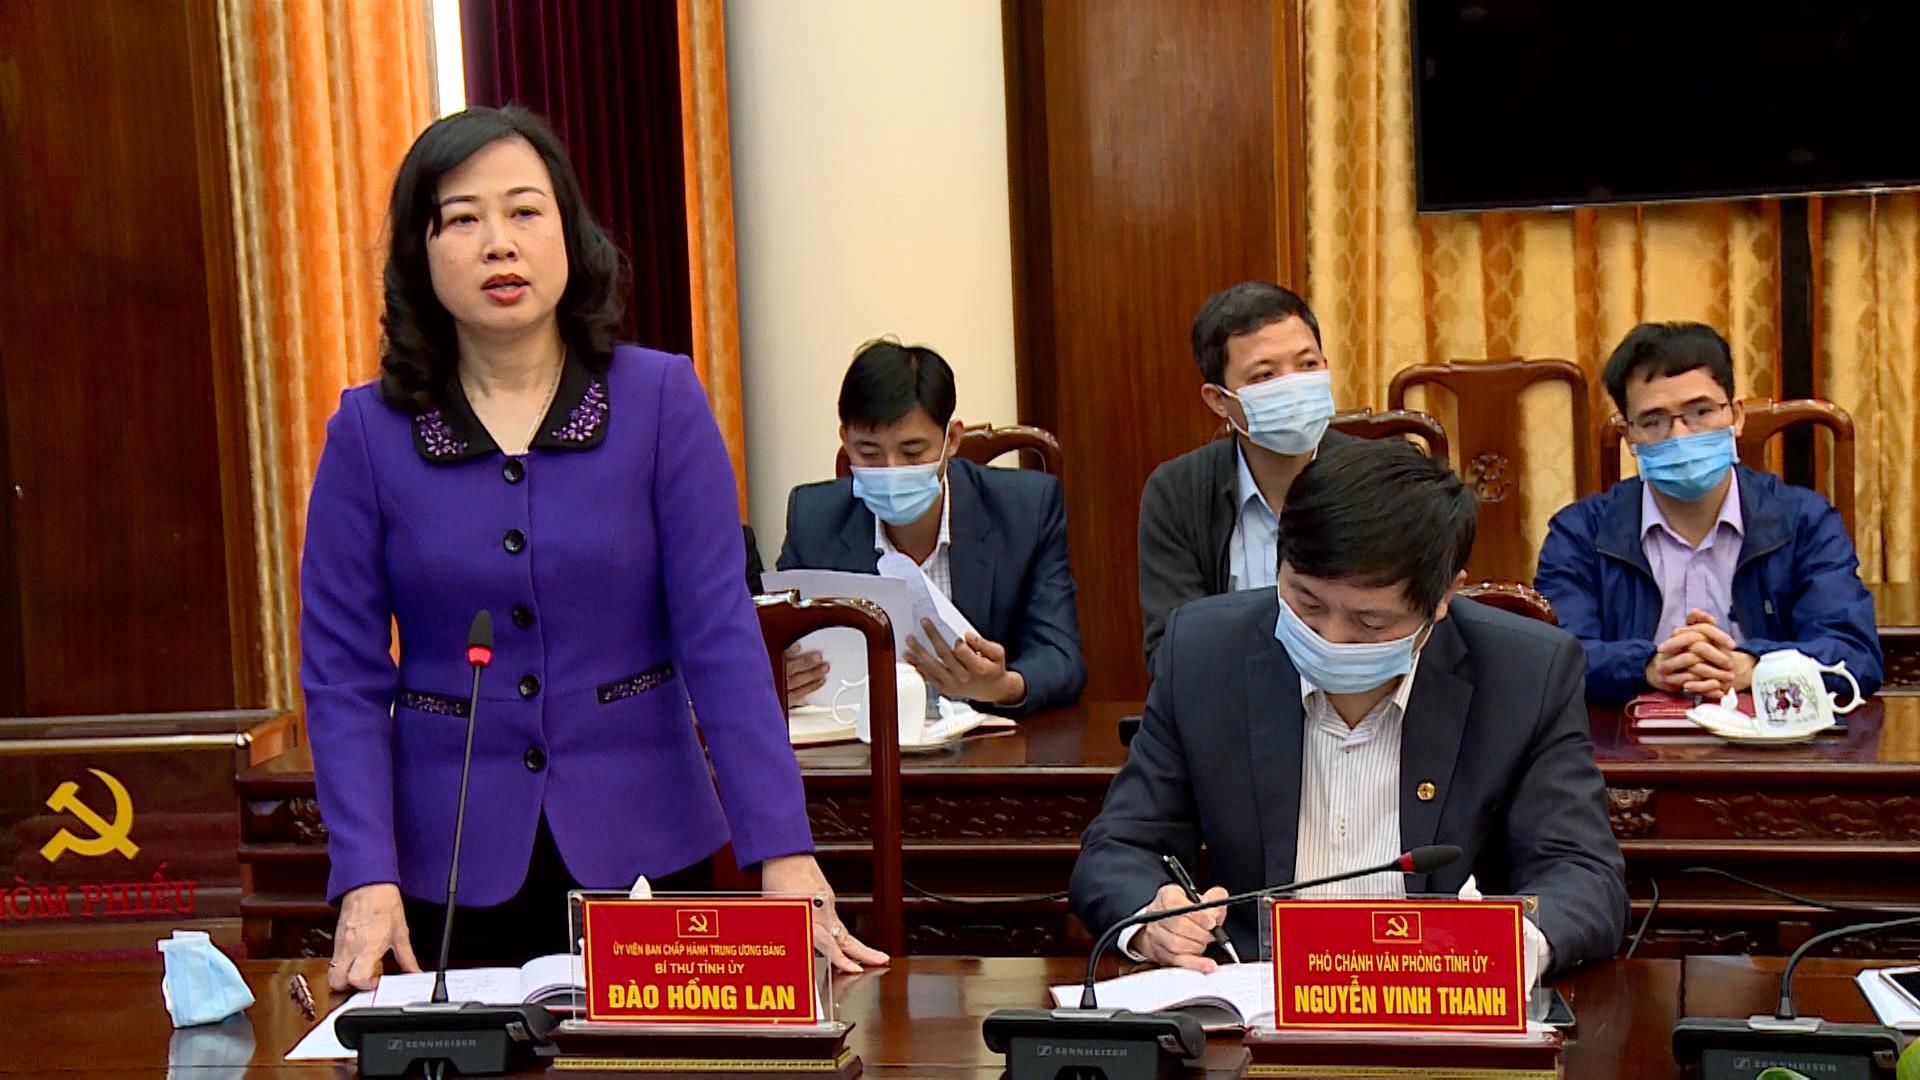 Hội nghị giới thiệu người ứng cử đại biểu Quốc hội và đại biểu HĐND tỉnh  nhiệm kỳ 2021 – 2026